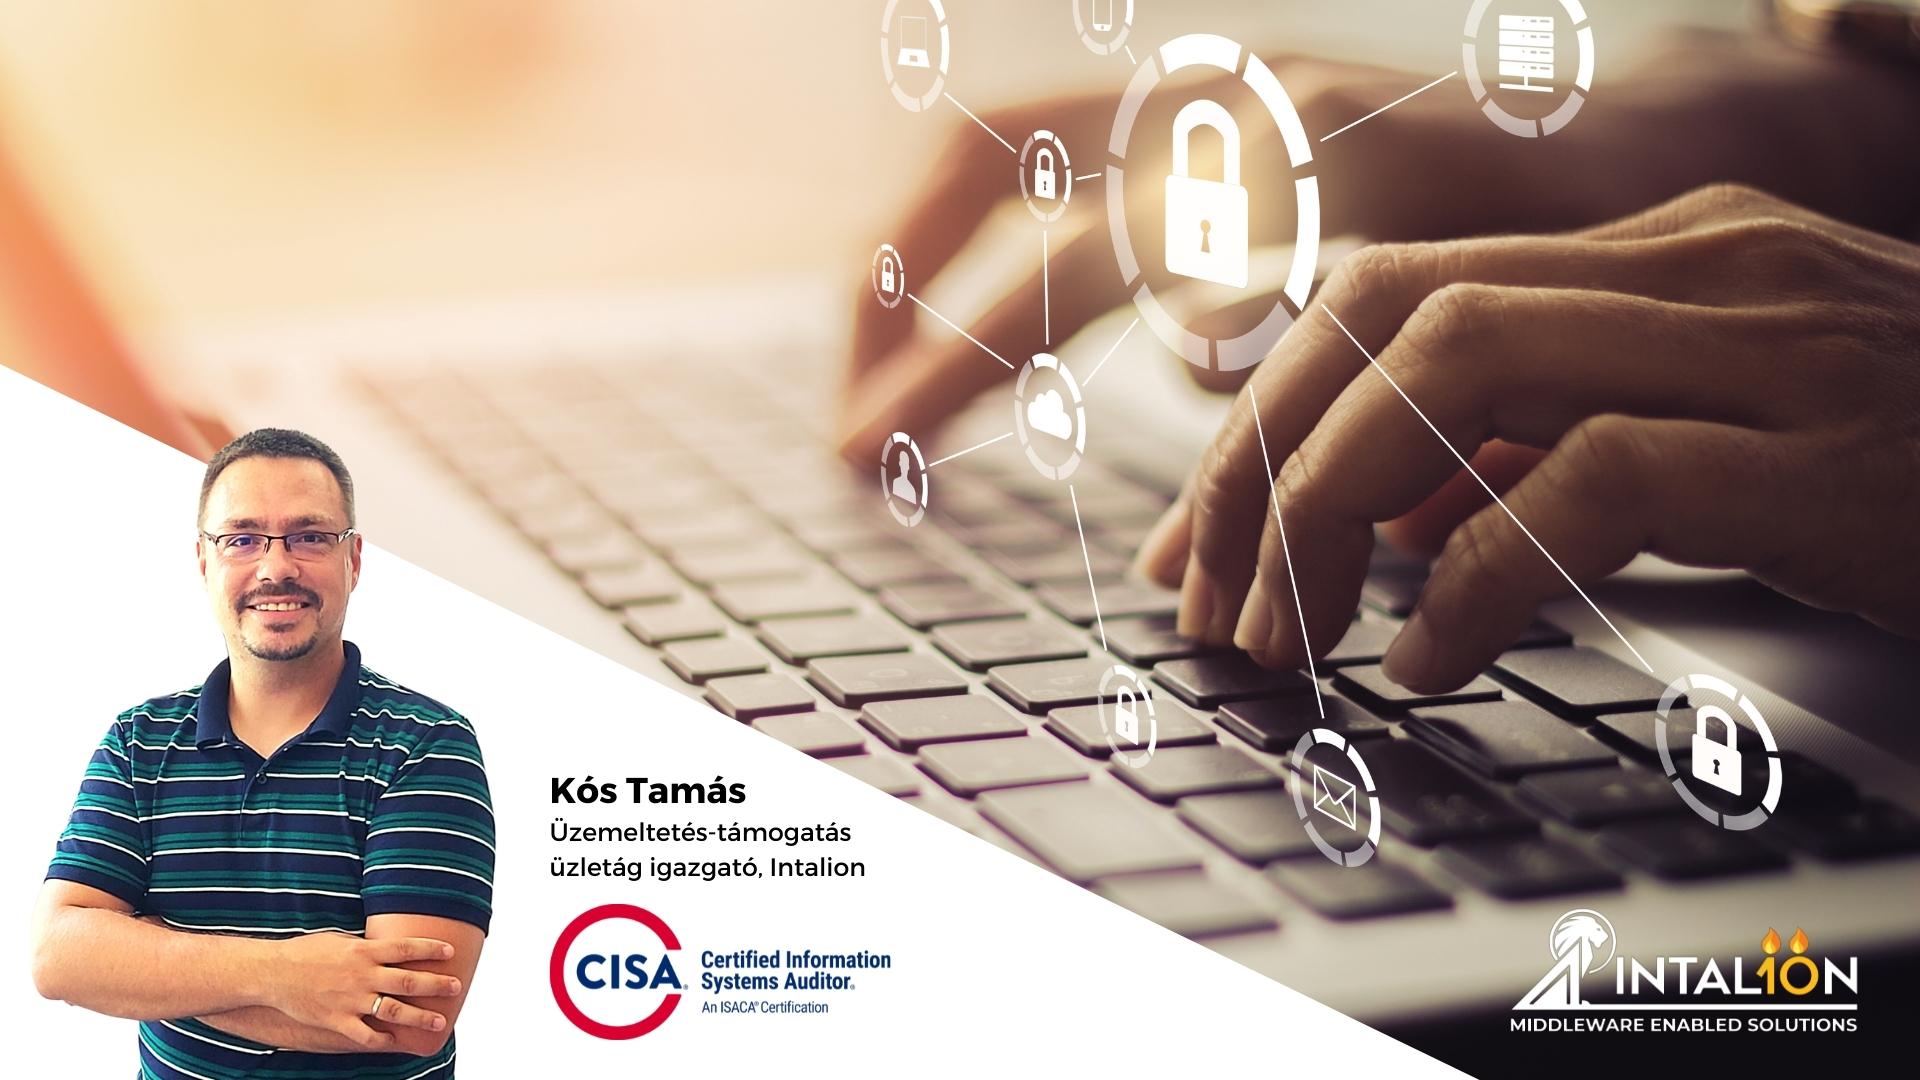 Miért fontos a kiberbiztonsági audit? Interjú Kós Tamás, CISA tanúsított auditorral